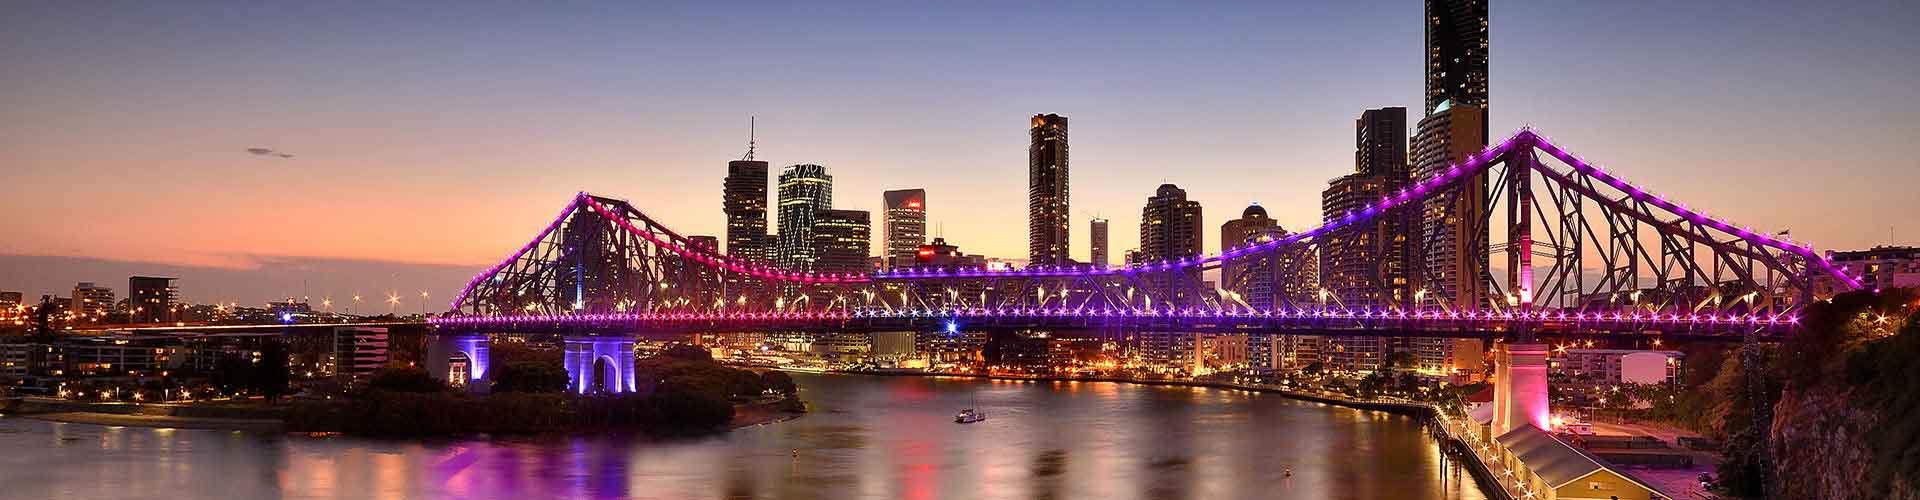 브리즈번 - Caxton Street지역에 위치한 아파트. 브리즈번의 지도, 브리즈번에 위치한 아파트에 대한 사진 및 리뷰.